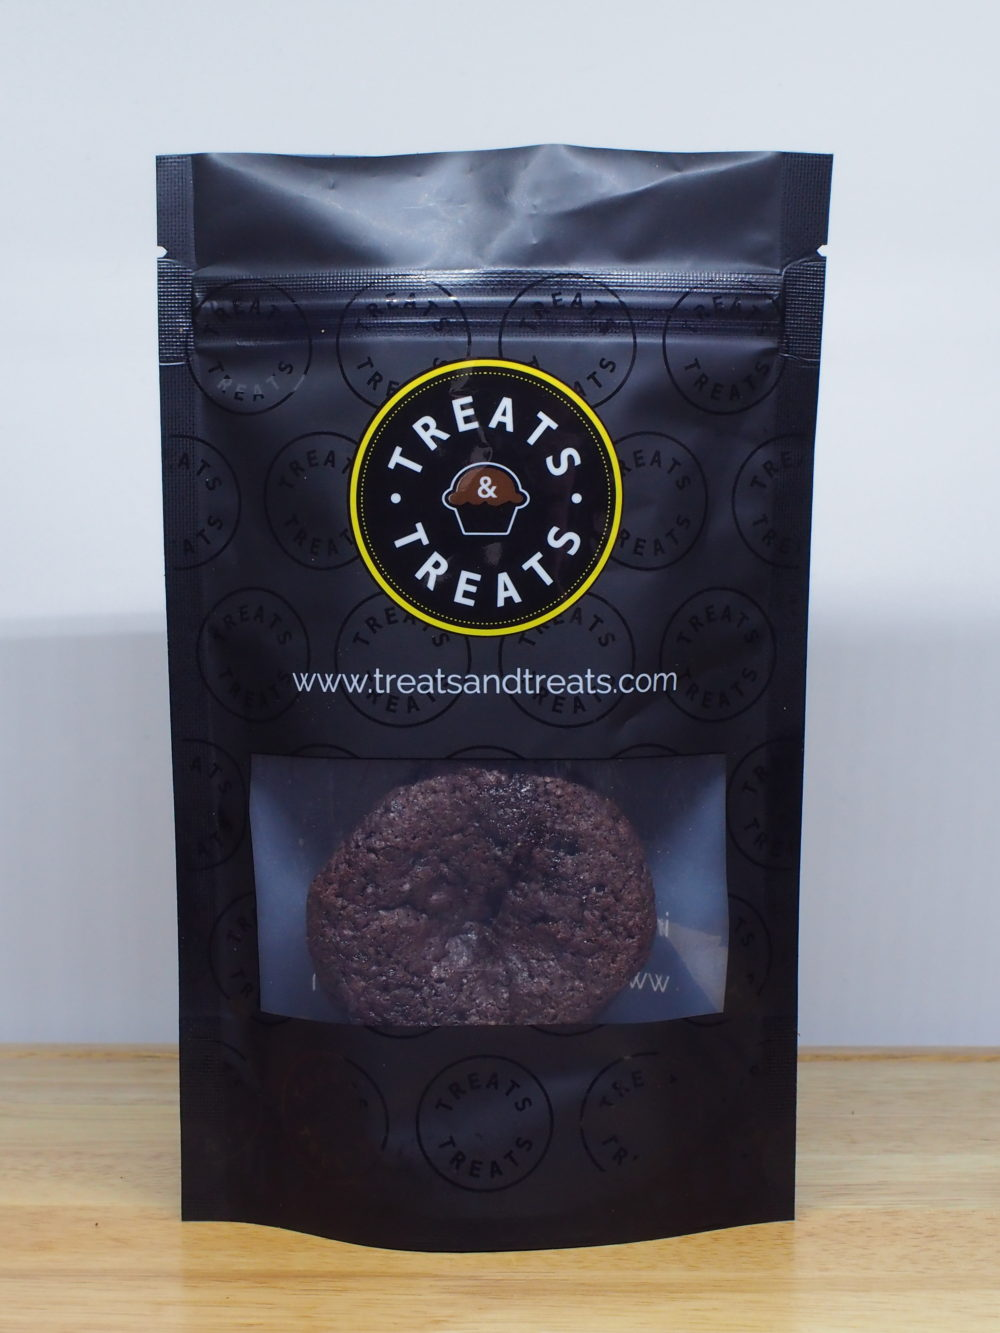 Brownie Packaged